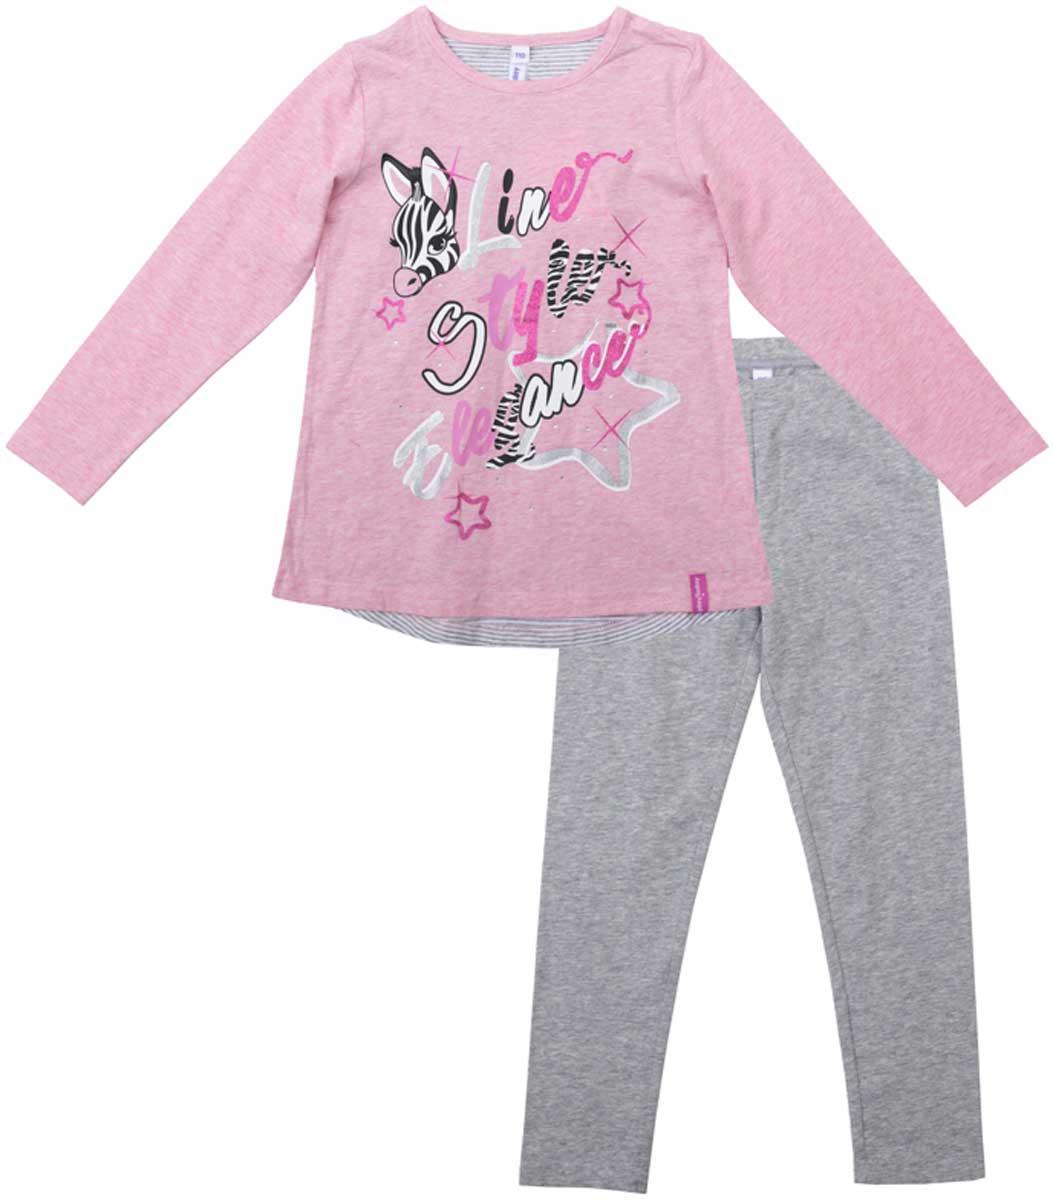 Комплект для девочки PlayToday: лонгслив, леггинсы, цвет: светло-розовый, светло-серый, серый. 172072. Размер 98172072Комплект из футболки и брюк-леггинсов прекрасно подойдет как для домашнего использования, так и для прогулок на свежем воздухе. Мягкий, приятный к телу, материал не сковывает движений. Яркий стильный принт является достойным украшением данного изделия. Леггинсы на мягкой удобной резинке.